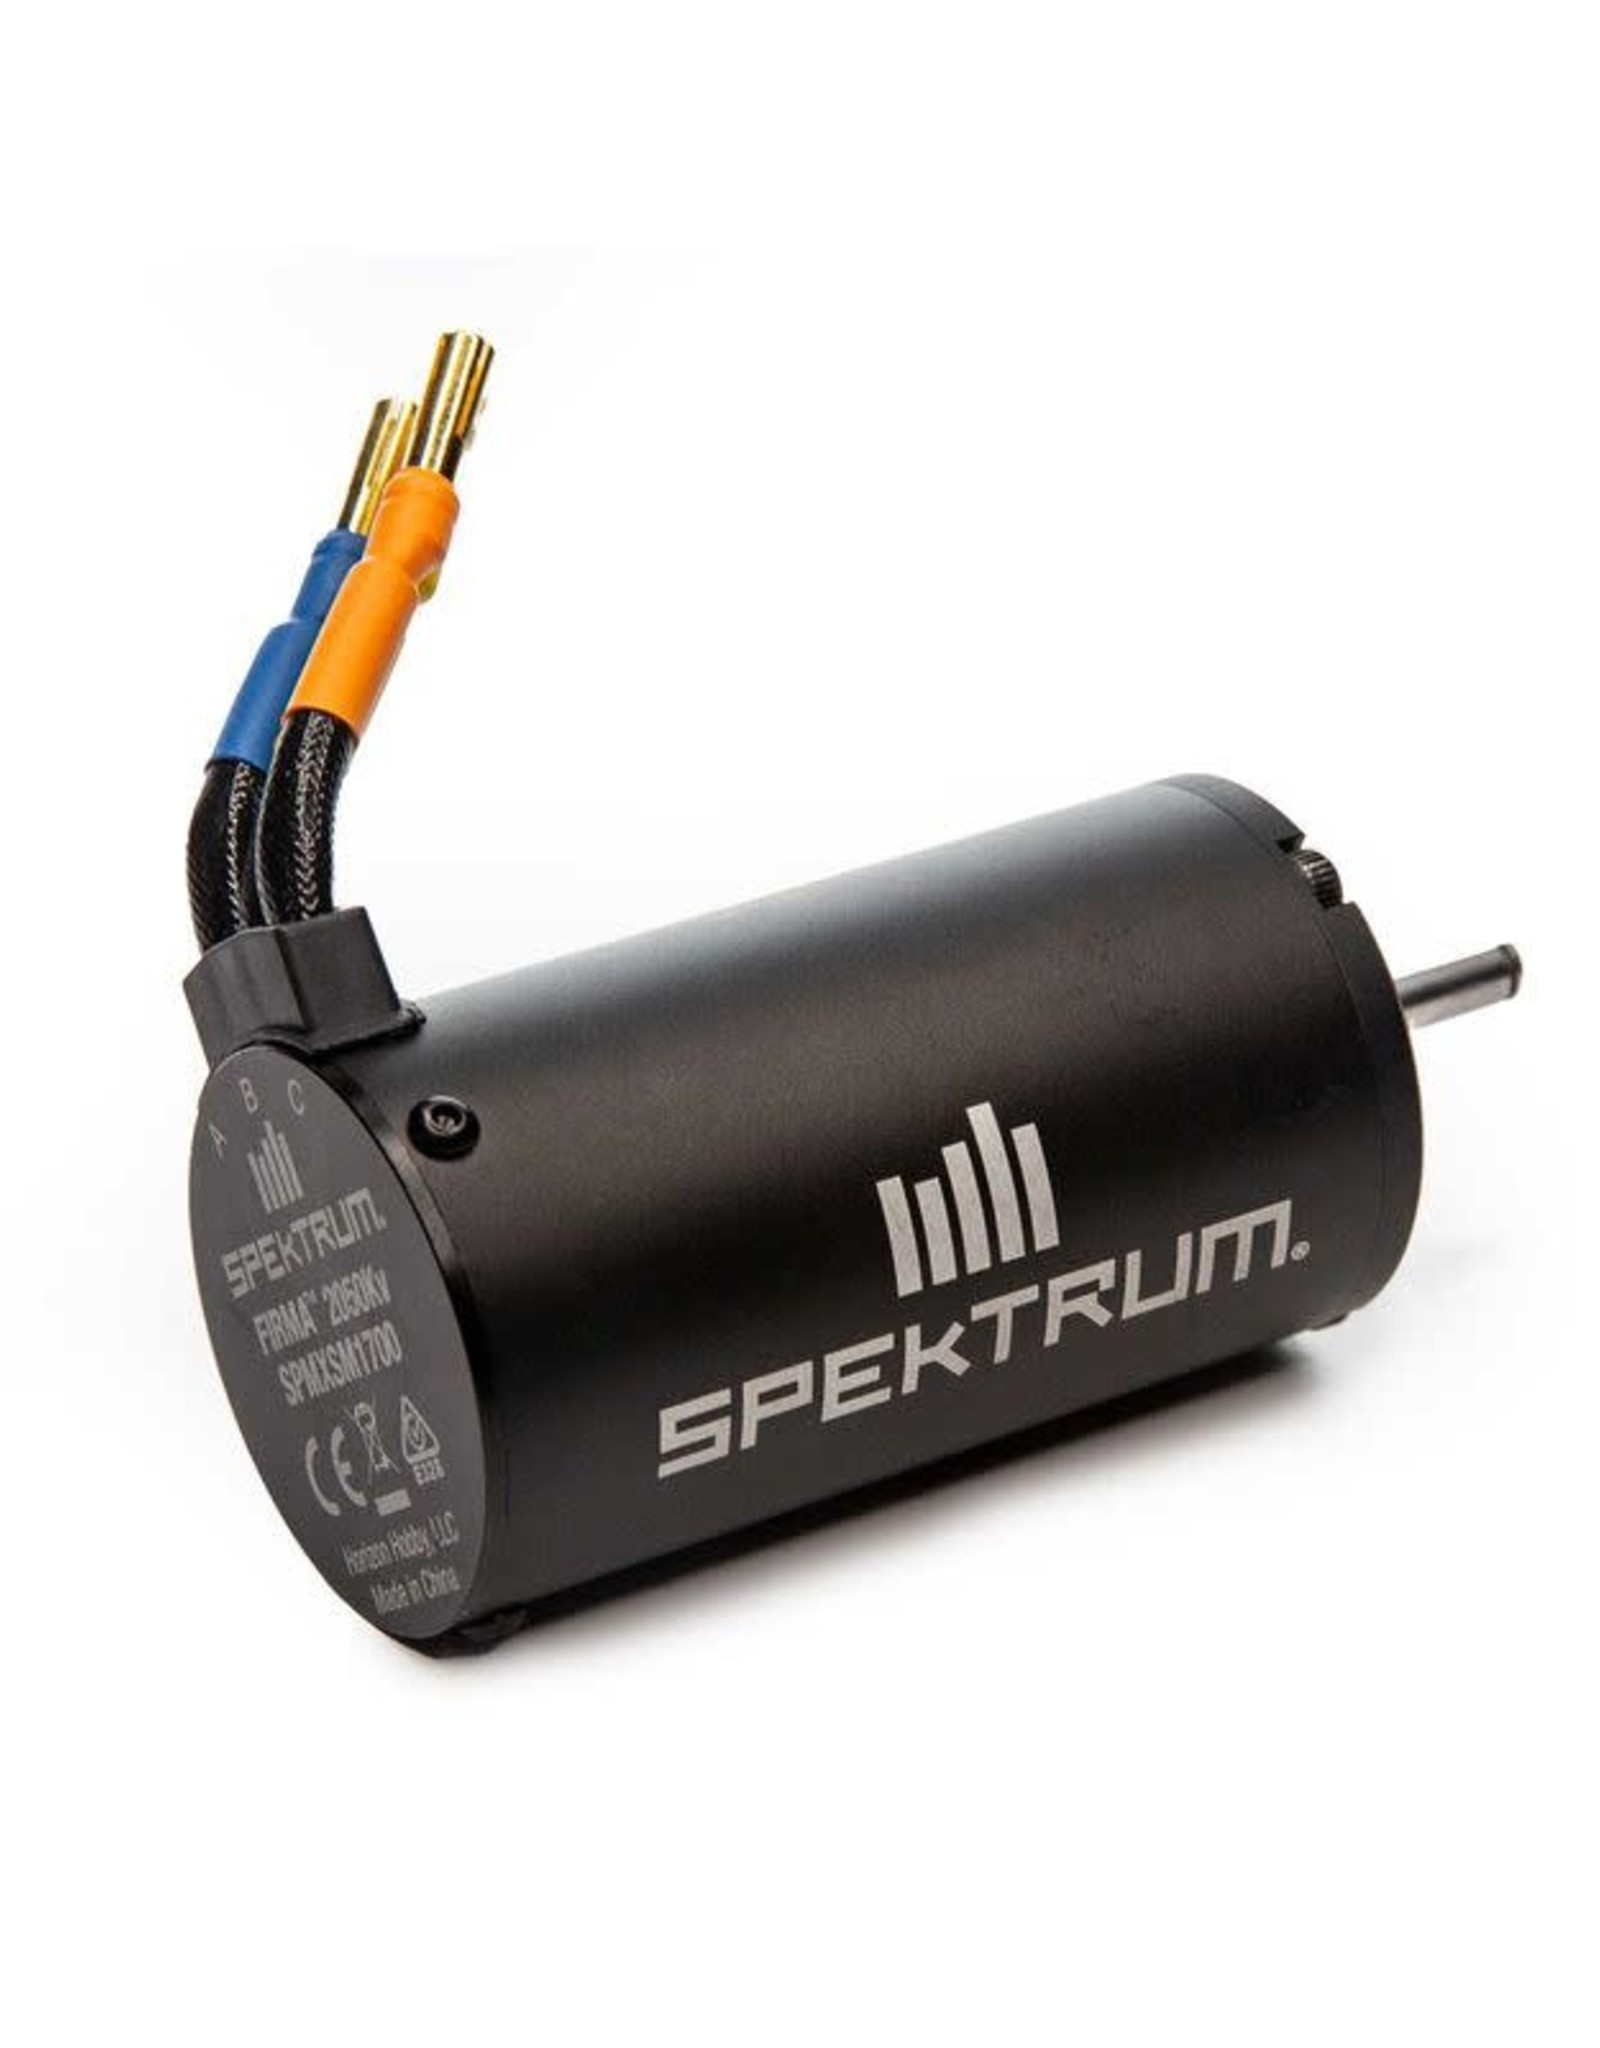 spektrum SPMXSM1700 FIRMA 2050KV BRUSHLESS MOTOR